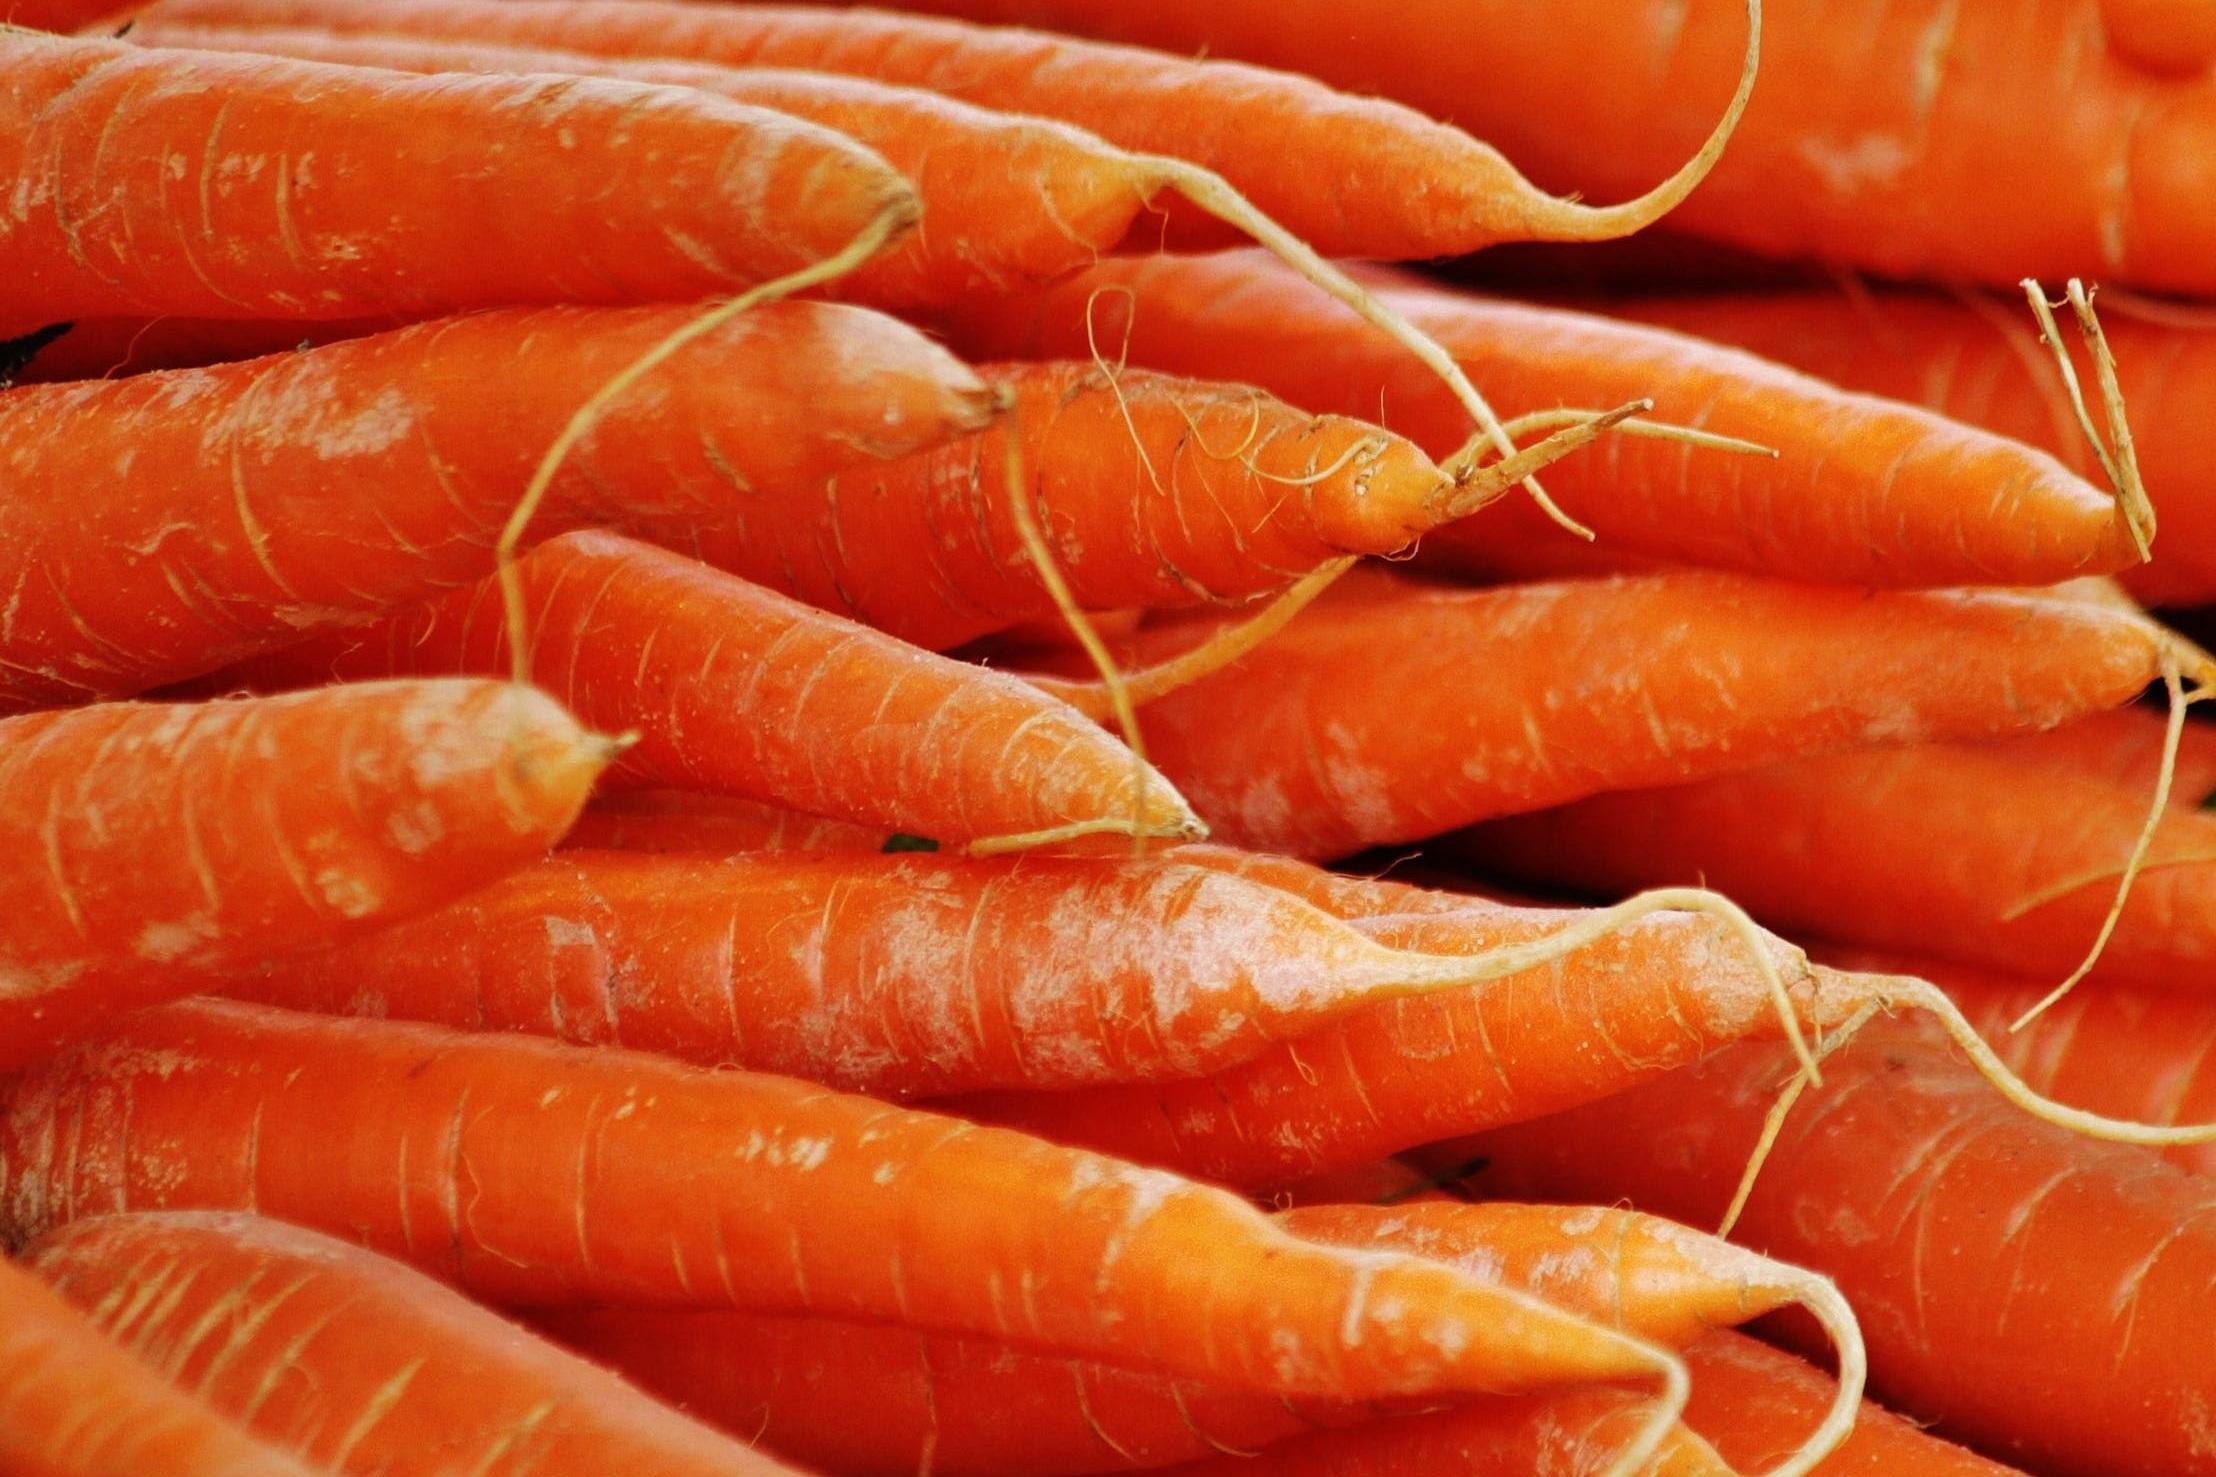 Carrots -